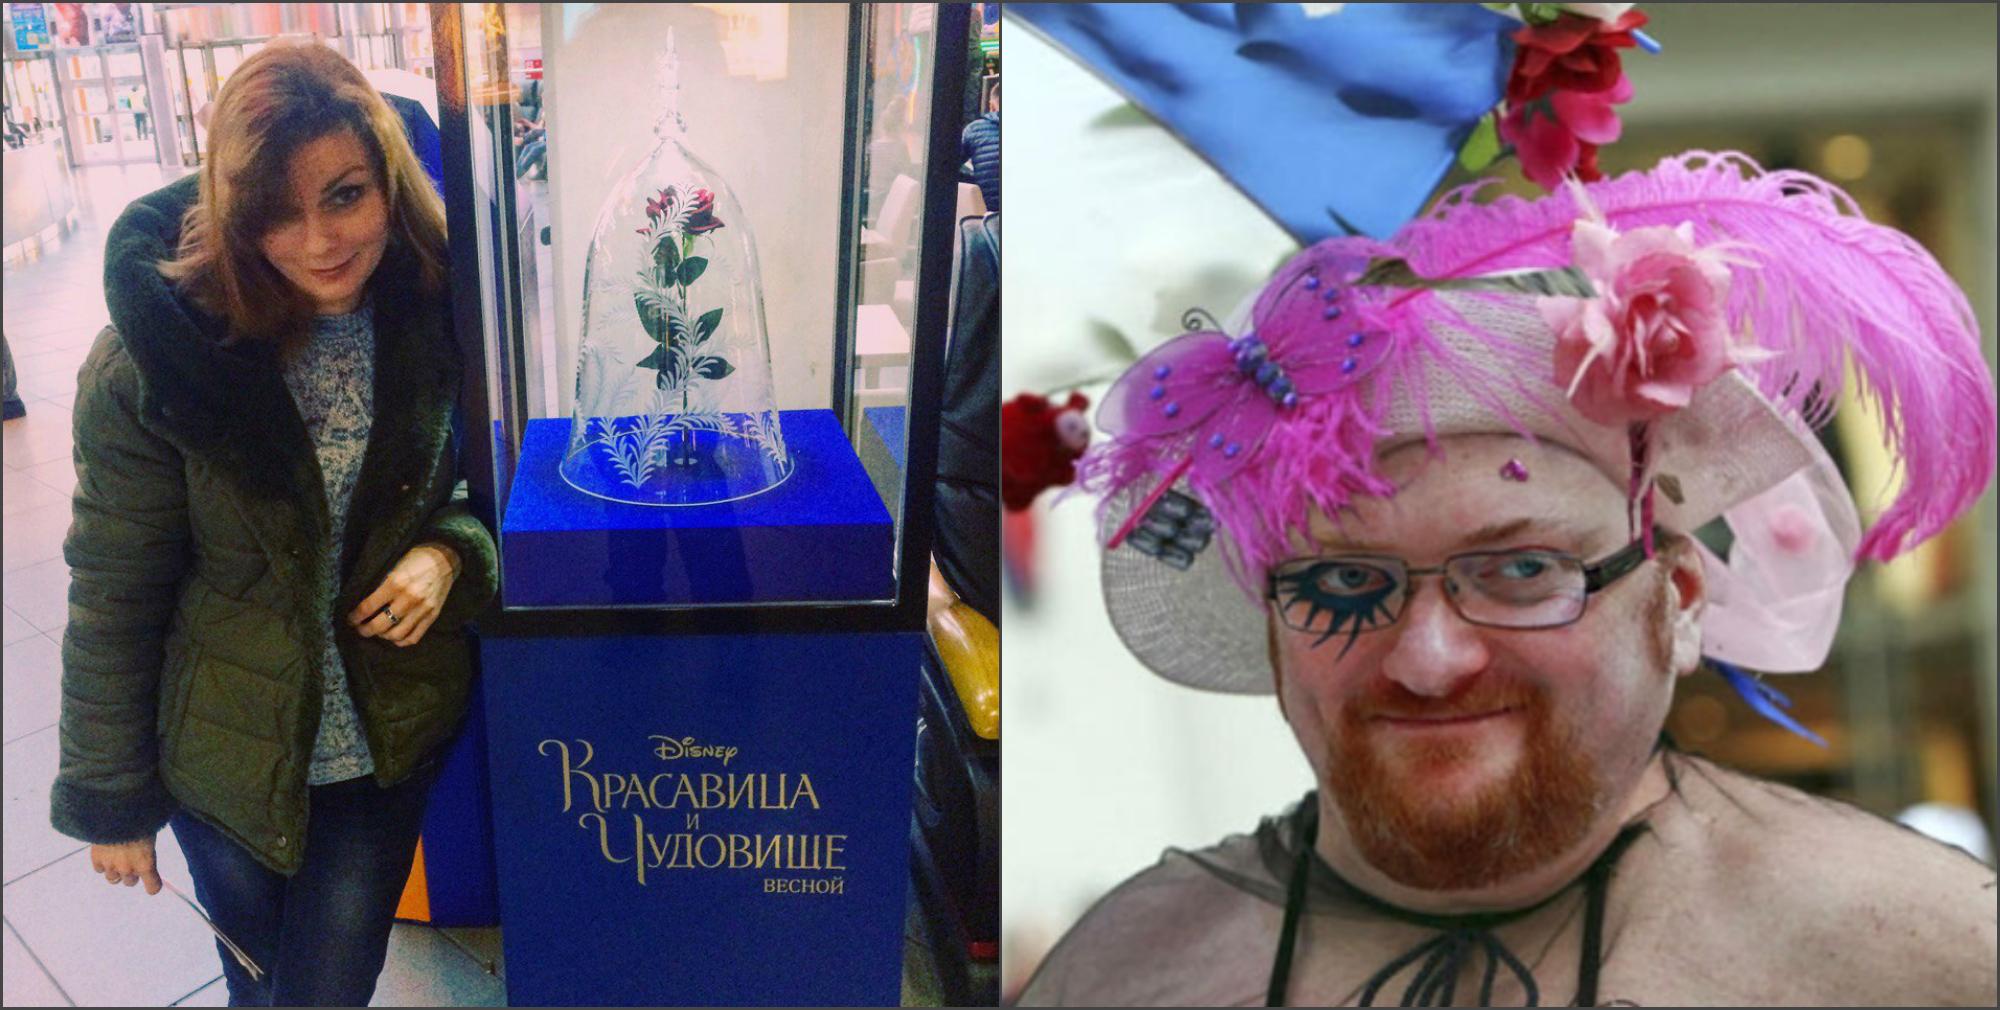 «Красавица ичудовище»— лидер проката в РФ